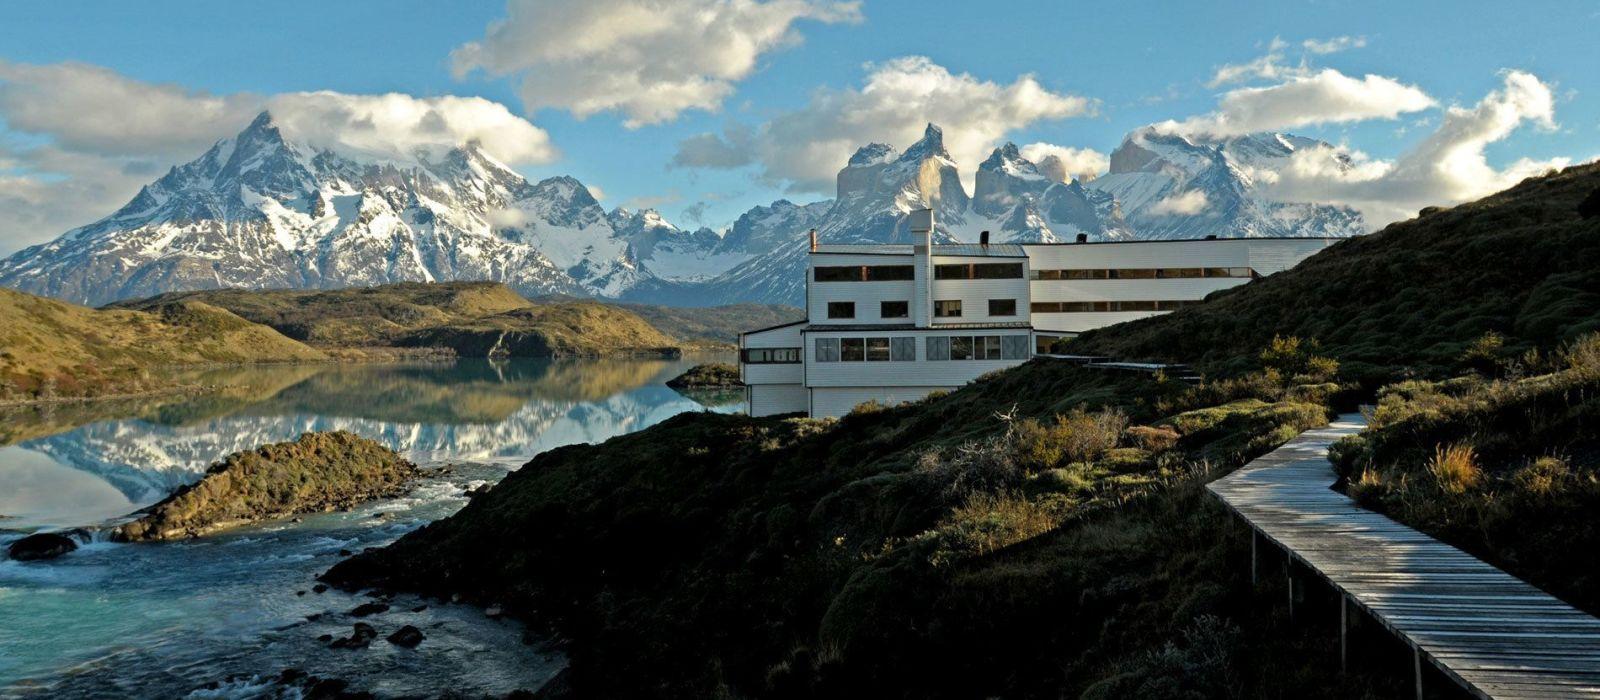 Hotel Explora Patagonia Chile